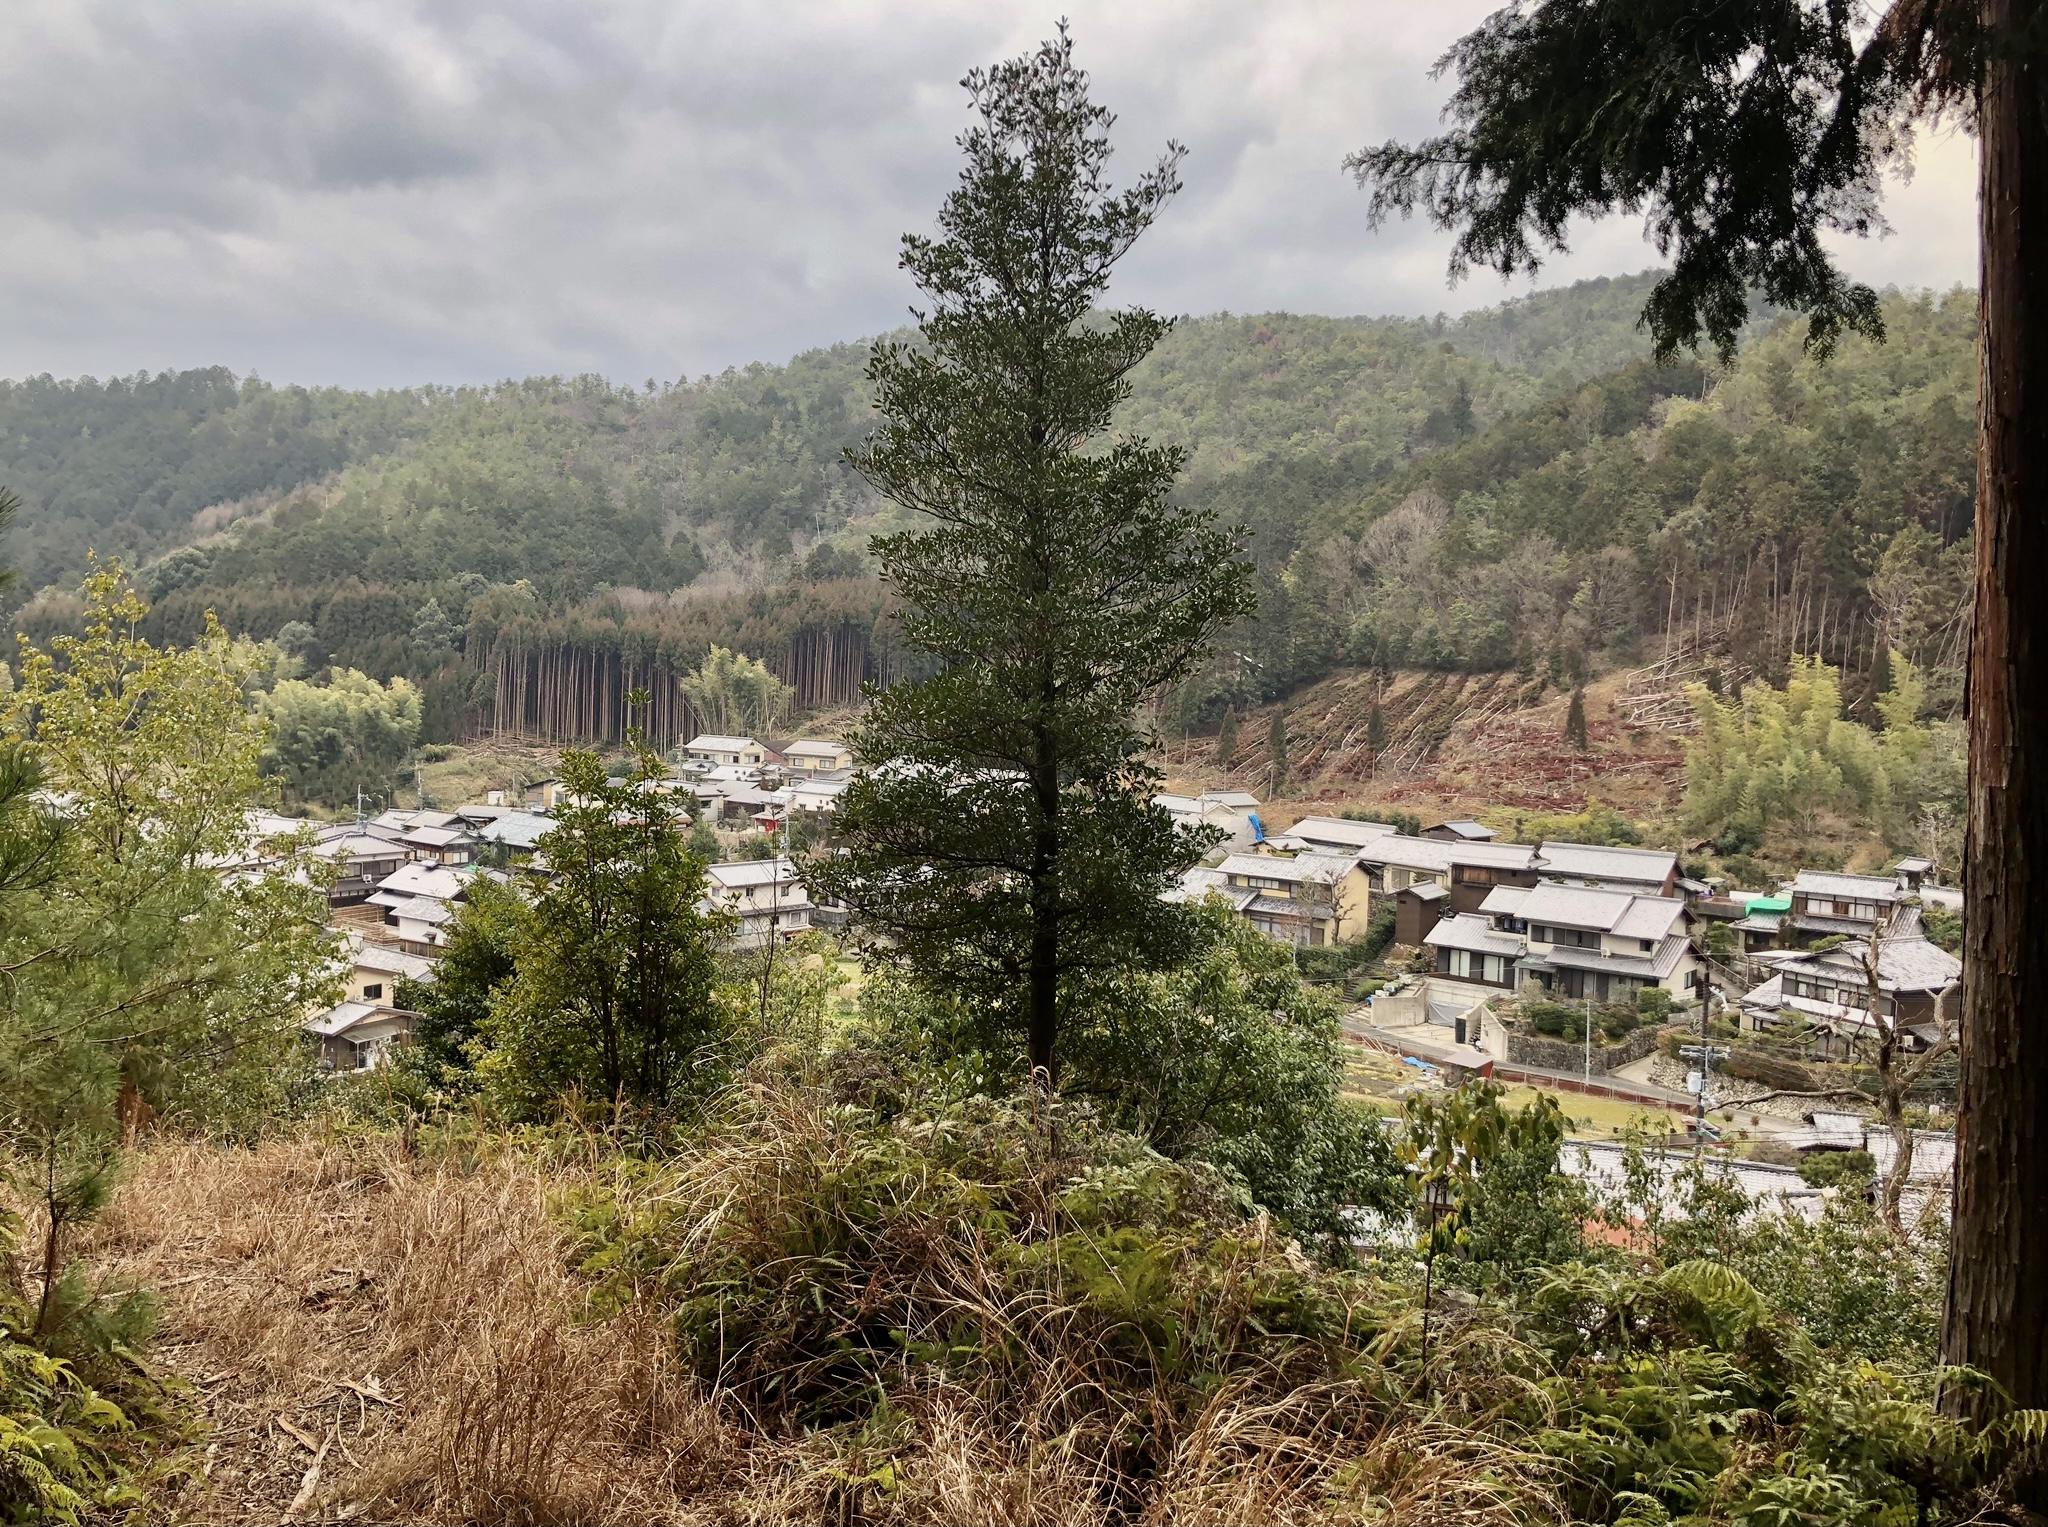 京都市右京区内で特にアクセスの良い2万9000坪の山林です。